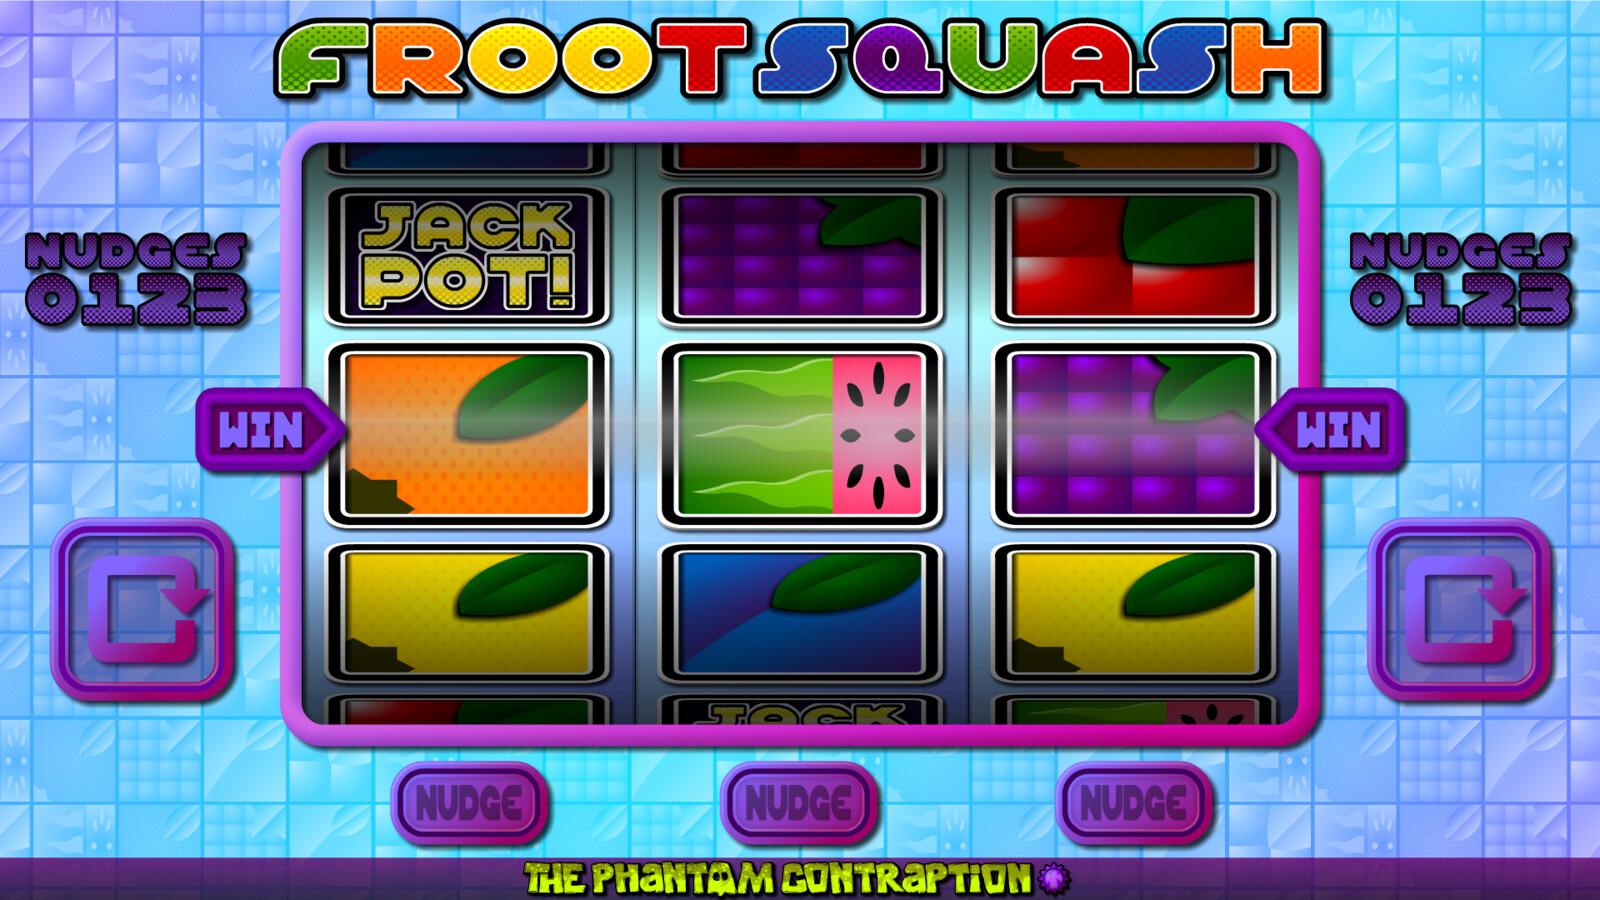 Froot Squash Landscape Screenshot: No Win